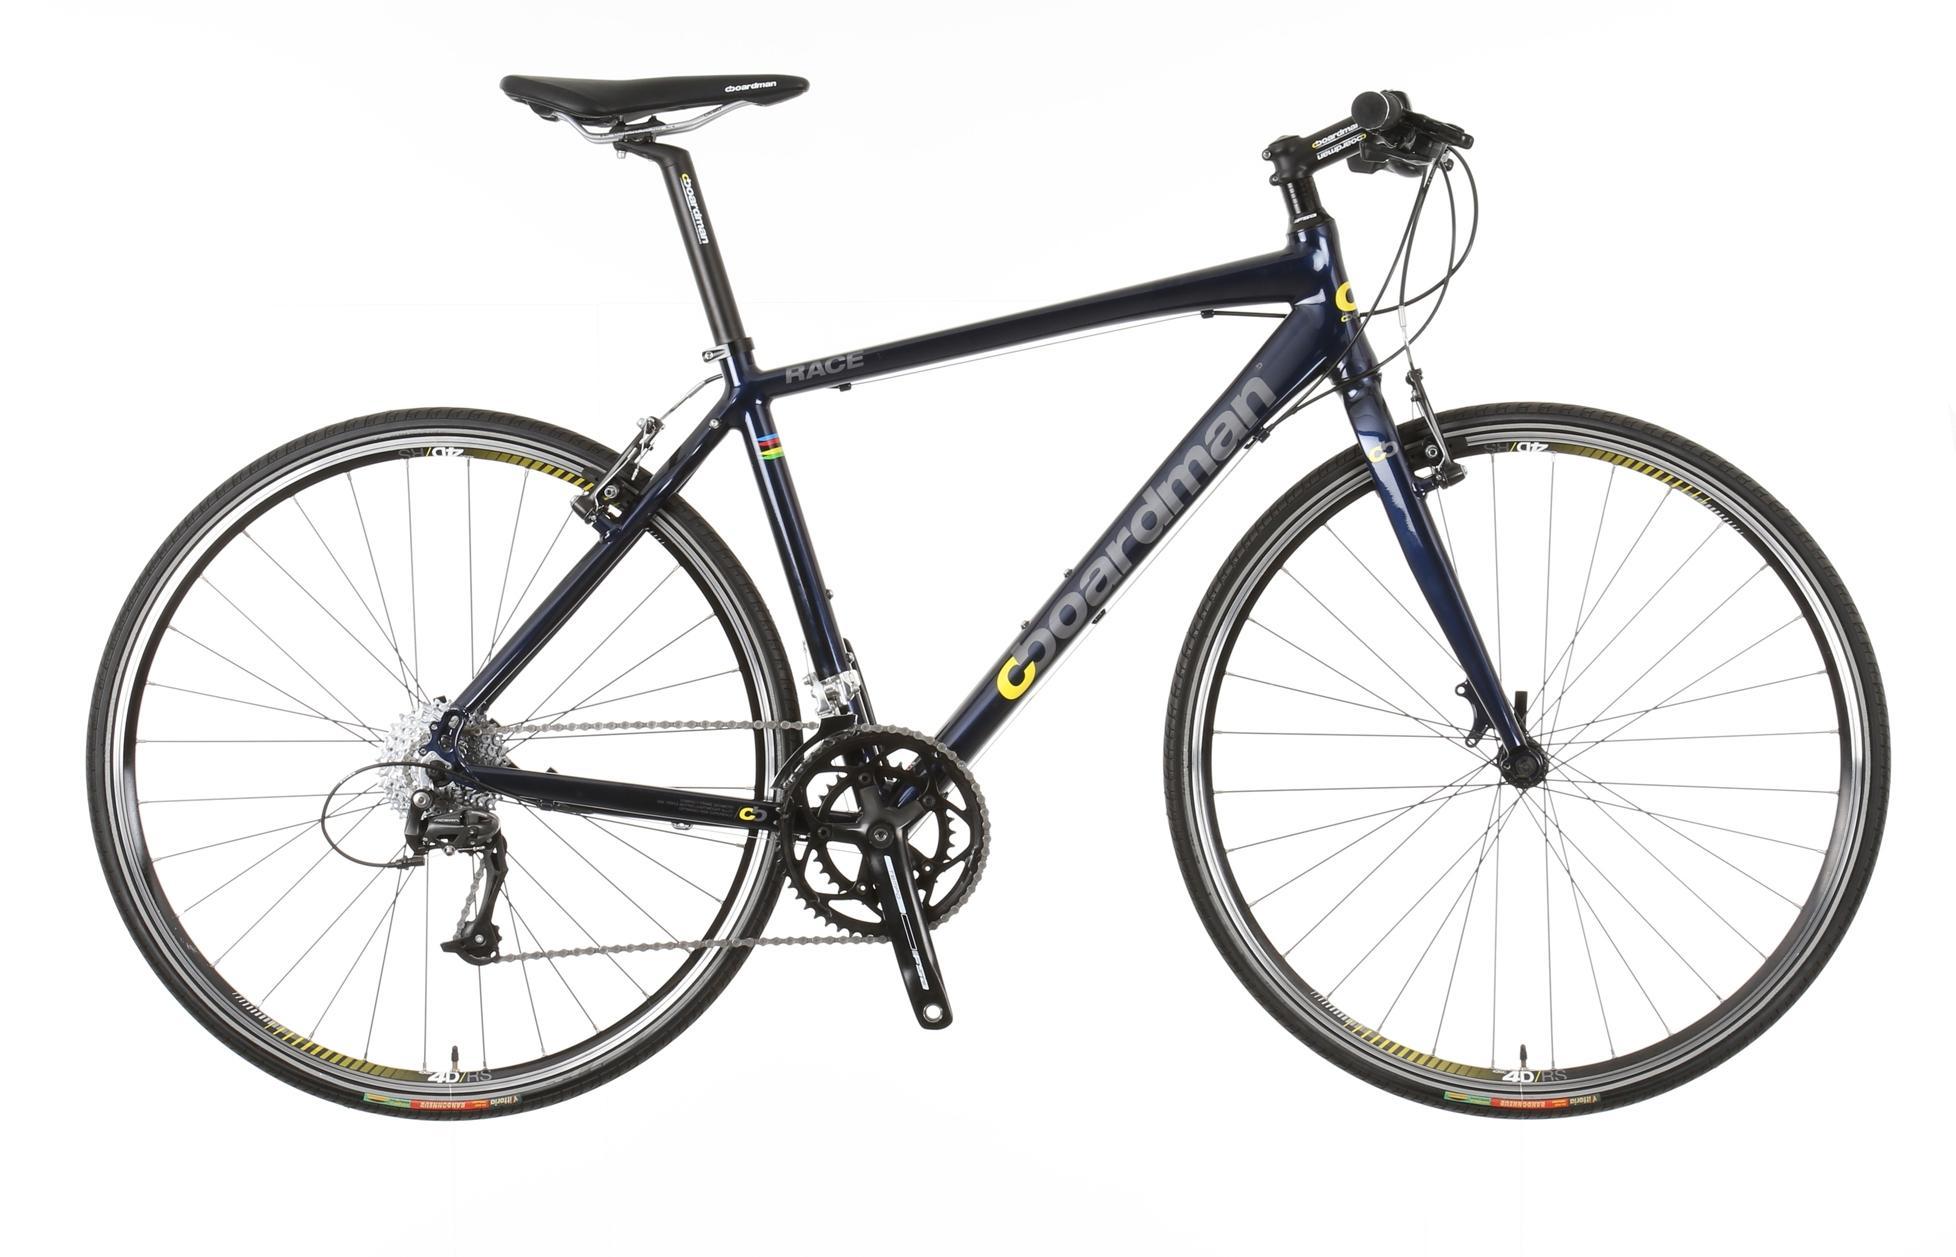 ''Boardman Performance Hybrid Race Bike